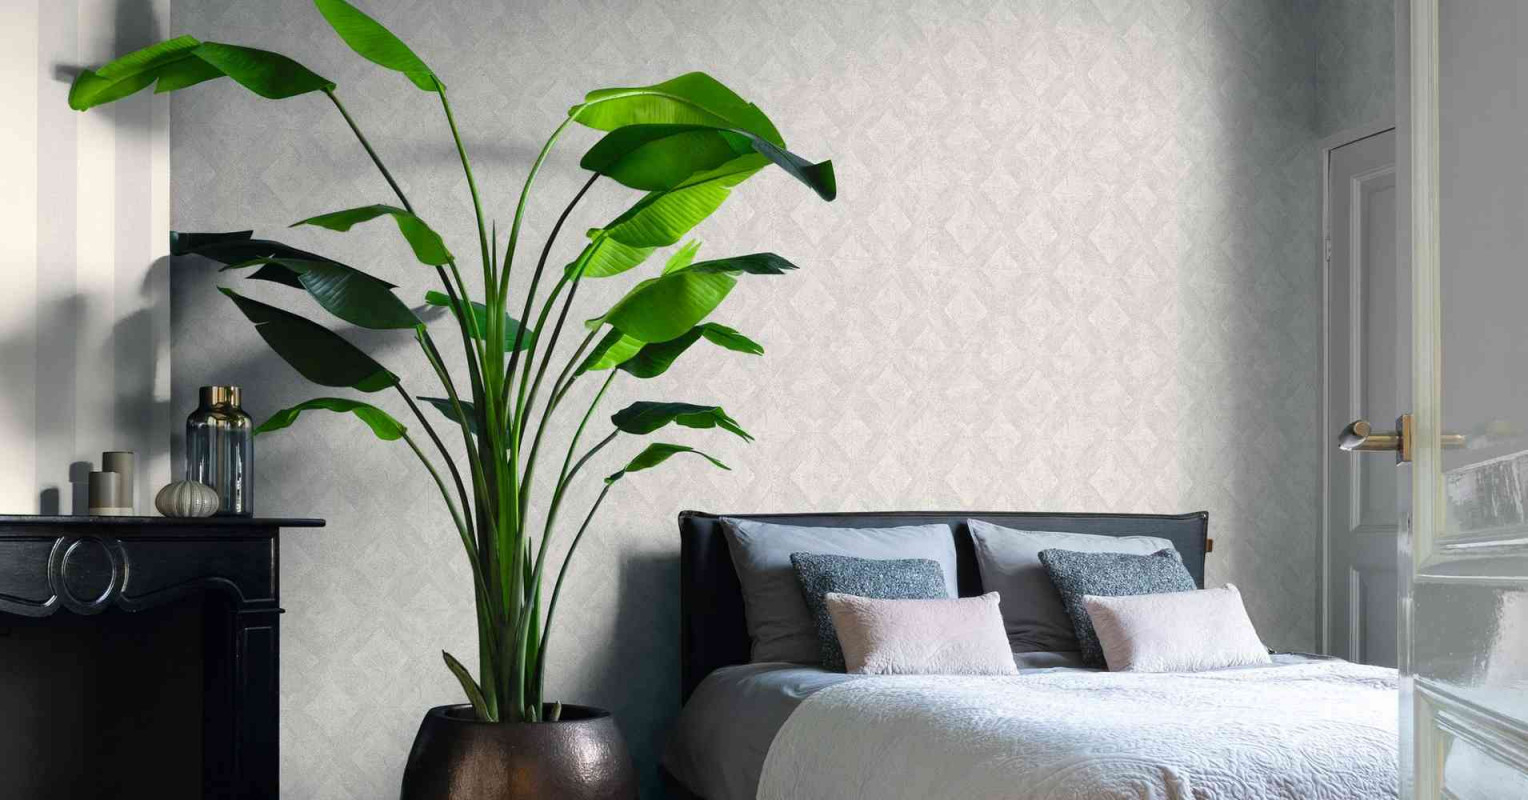 10 Große Zimmerpflanzen Die Garantiert Eindruck Schinden von Schöne Große Wohnzimmer Bilder Bild